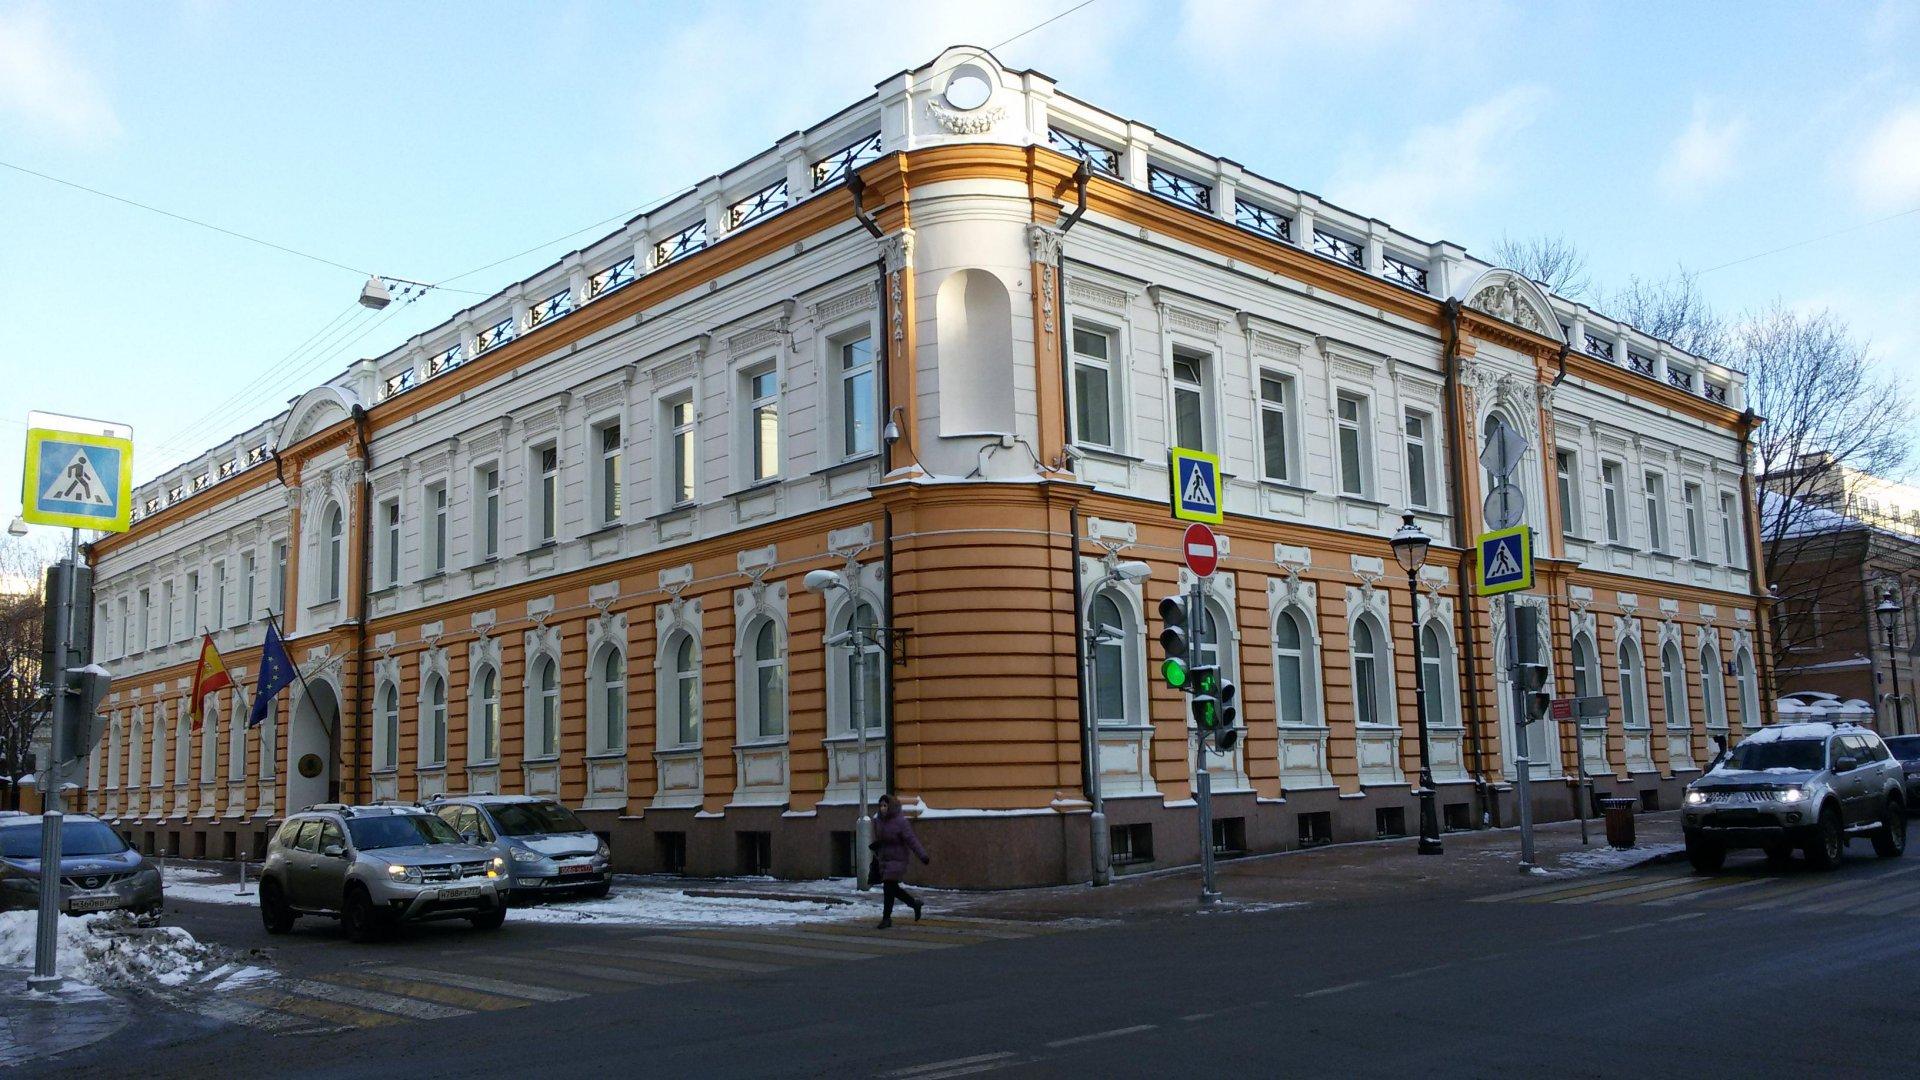 Посольство Испании в г. Москве, Большая Никитская, 50 ст1